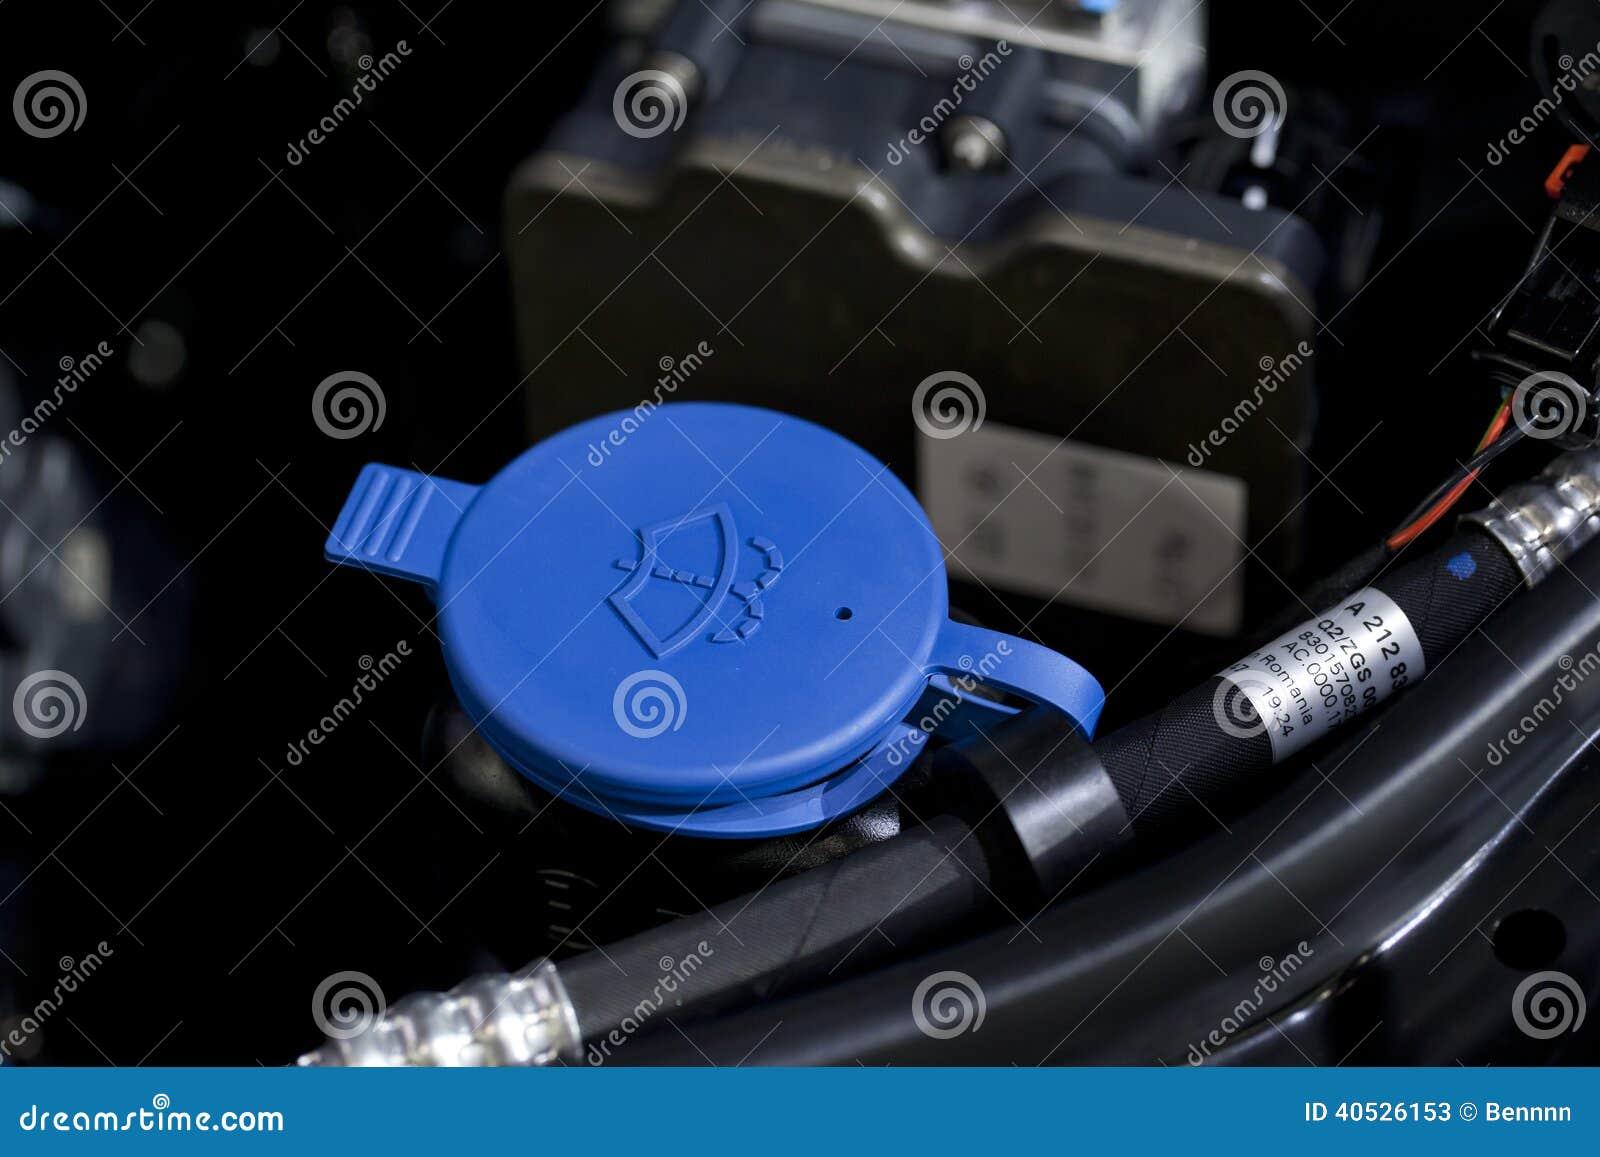 Chapeaux liquides l 39 int rieur d 39 une voiture photo stock for A l interieur d une voiture